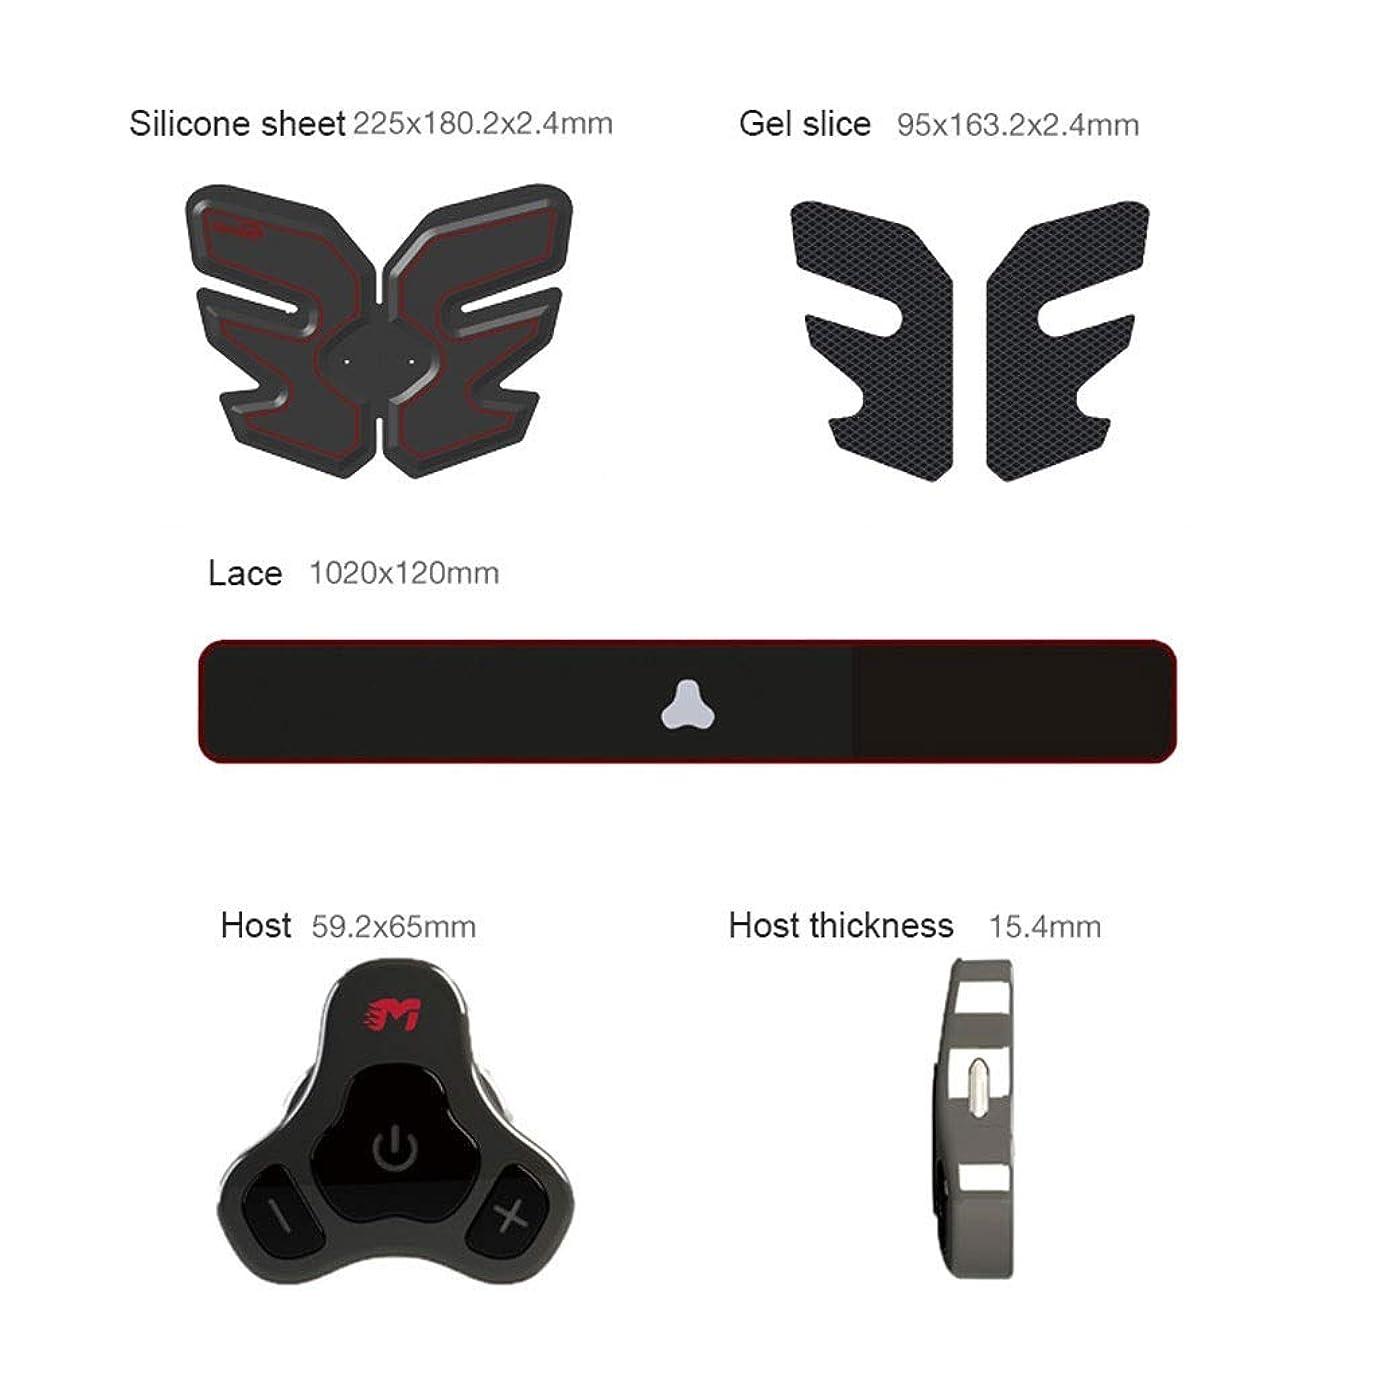 呼吸する一定付録Abベルト、筋肉刺激装置、EMS Abs Trainer腹部ベルトUSB充電式筋肉用トナーAbs Arms脚用Absサポートベルト&男性用?女性用 (Size : Host+Belly paste)